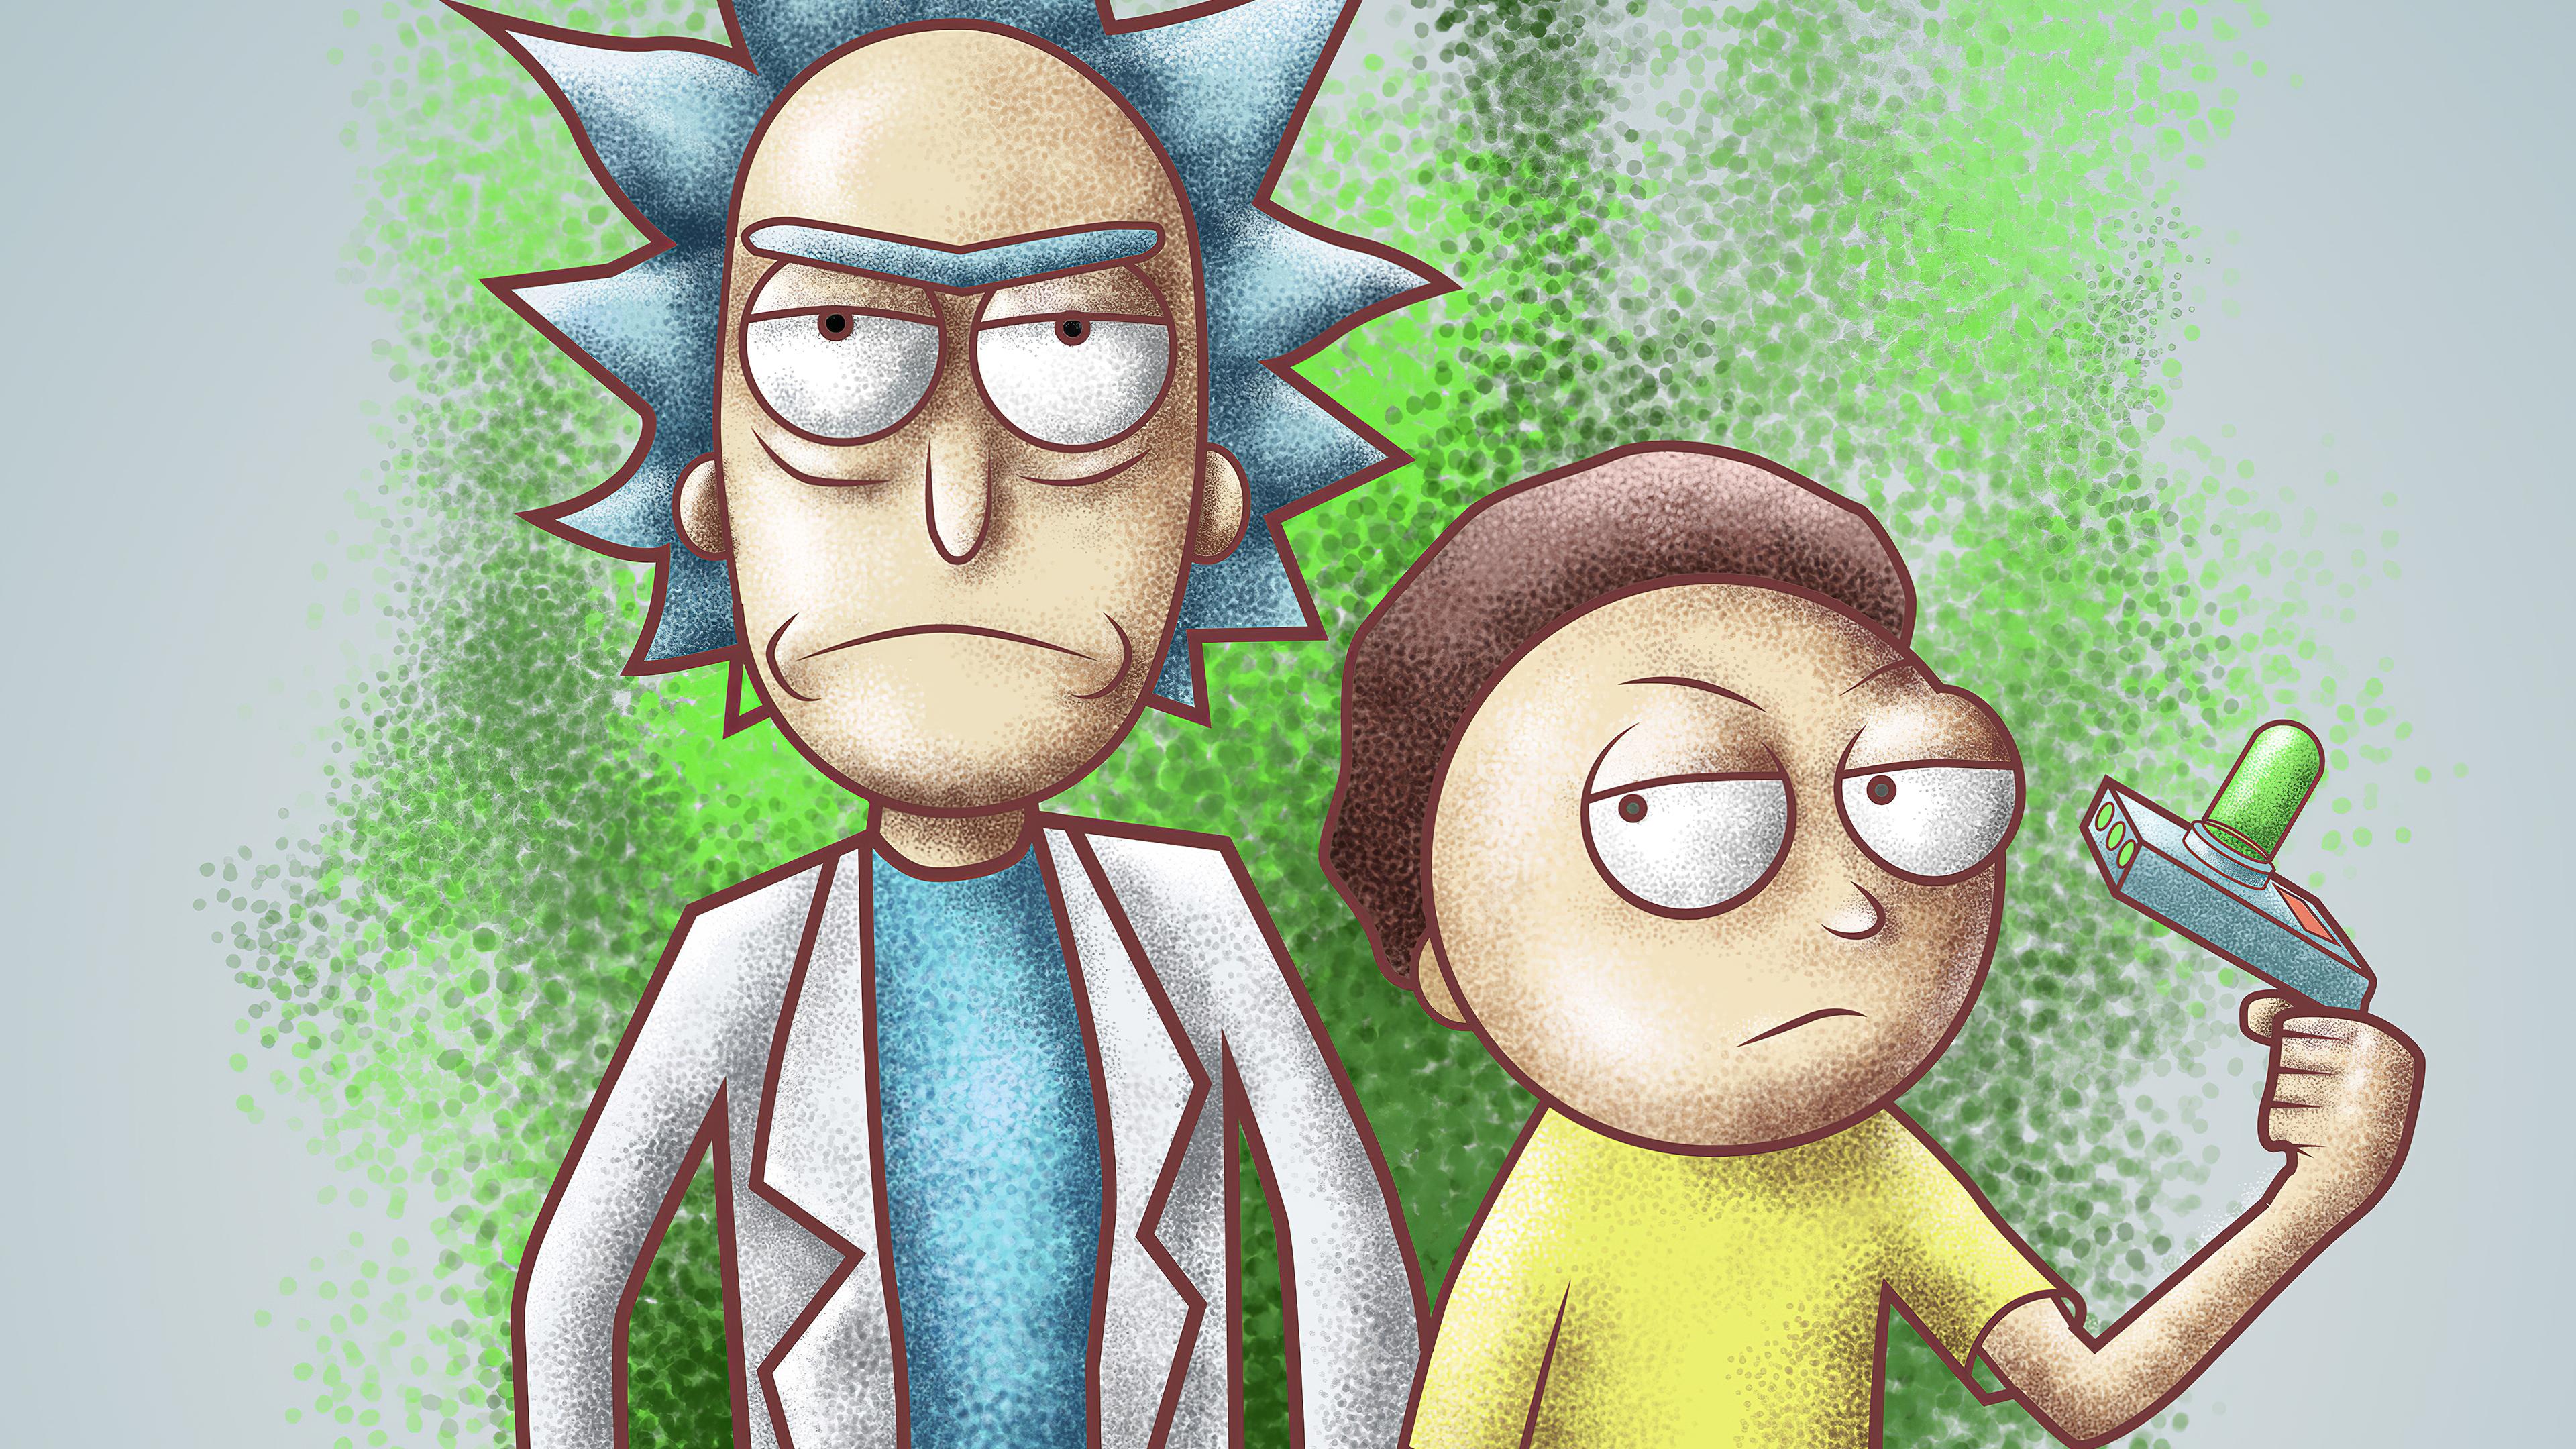 rick and morty gig 1578252540 - Rick And Morty Gig - Rick And Morty Gig 4k wallpaper